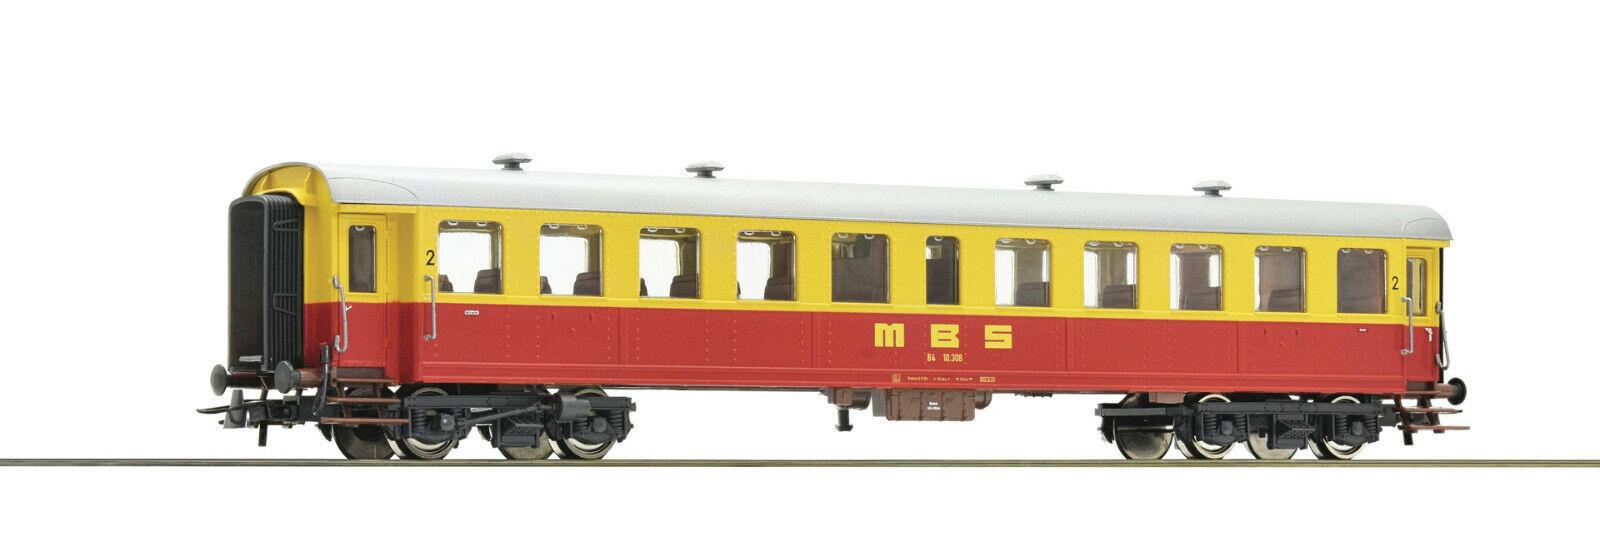 Roco h0 64356-viajeros 2. clase, MBS, EP. IV mercancía nueva